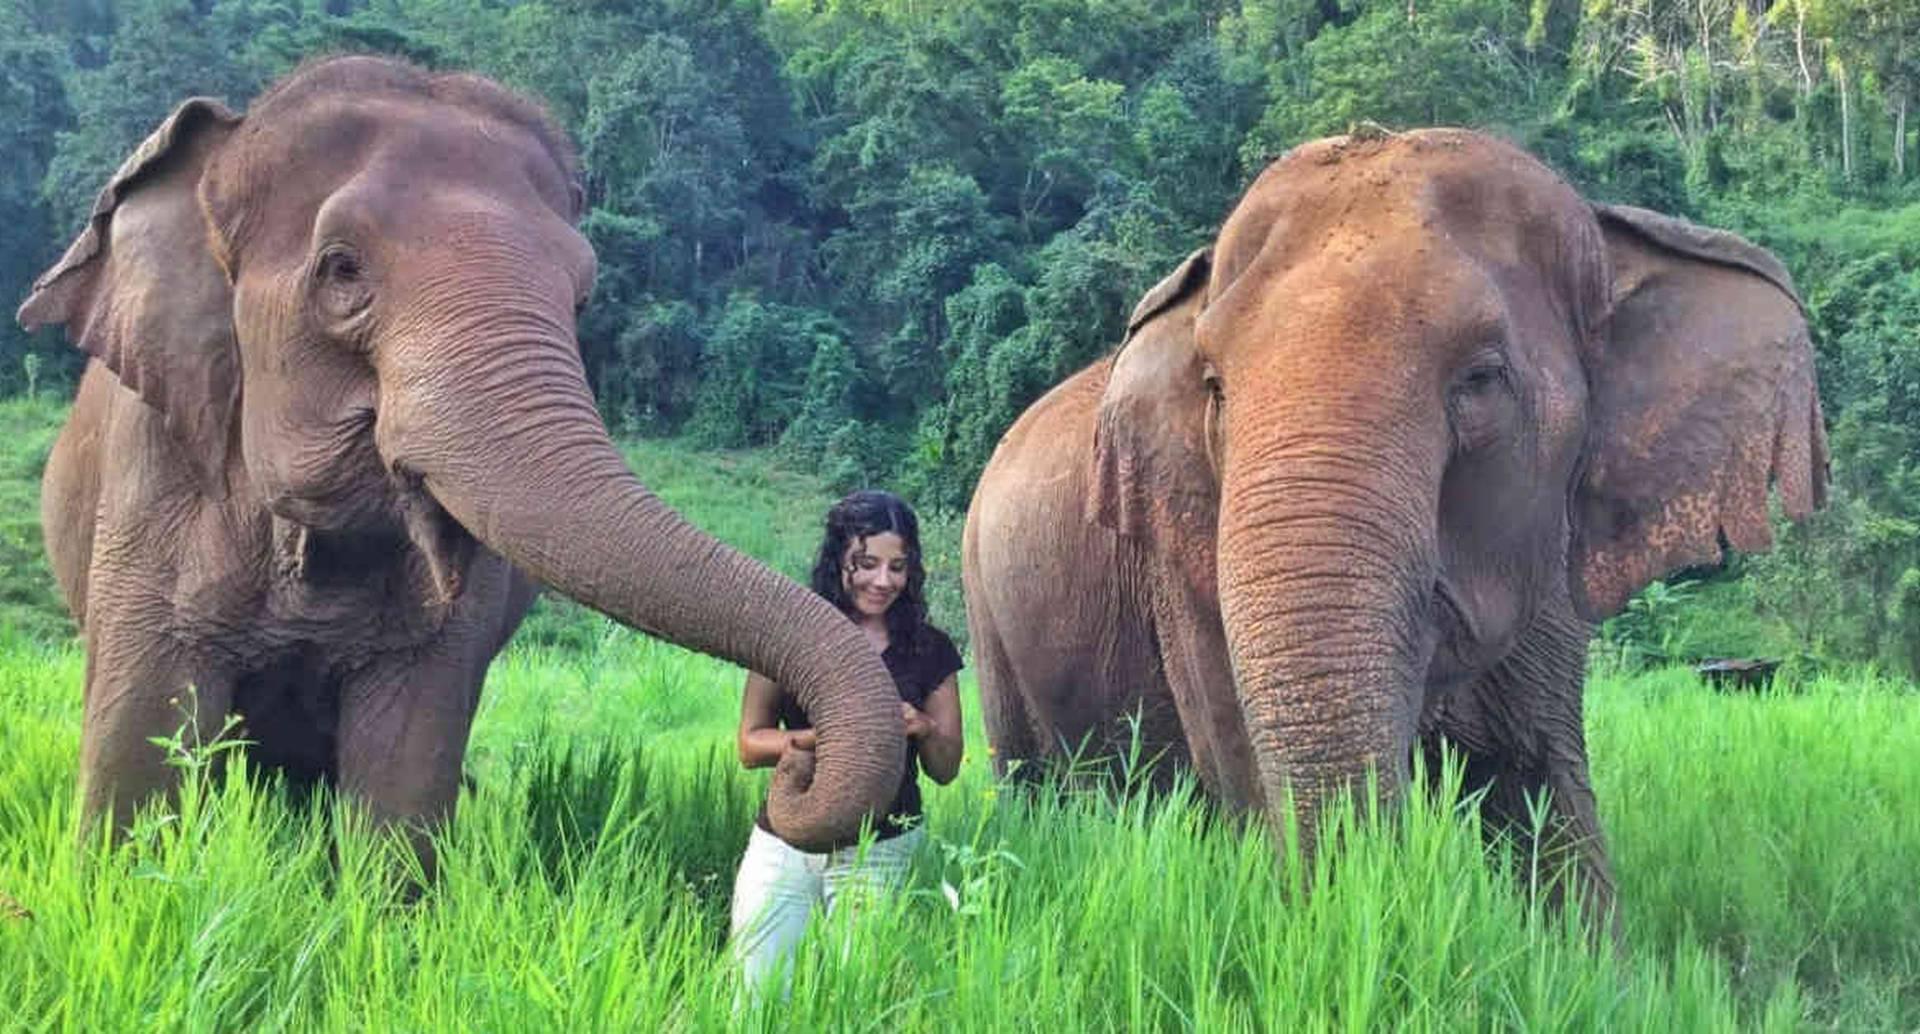 Diana Muñoz ha logrado gracias a su labor que varios elefantes que vivían en cautiverio y que eran sometidos a torturas, hayan sido liberados en santuarios naturales de Tailandia. En la foto aparece con Nong Pop Más Pong y Mae Pong junto a ella en el Elephant Nature Park.